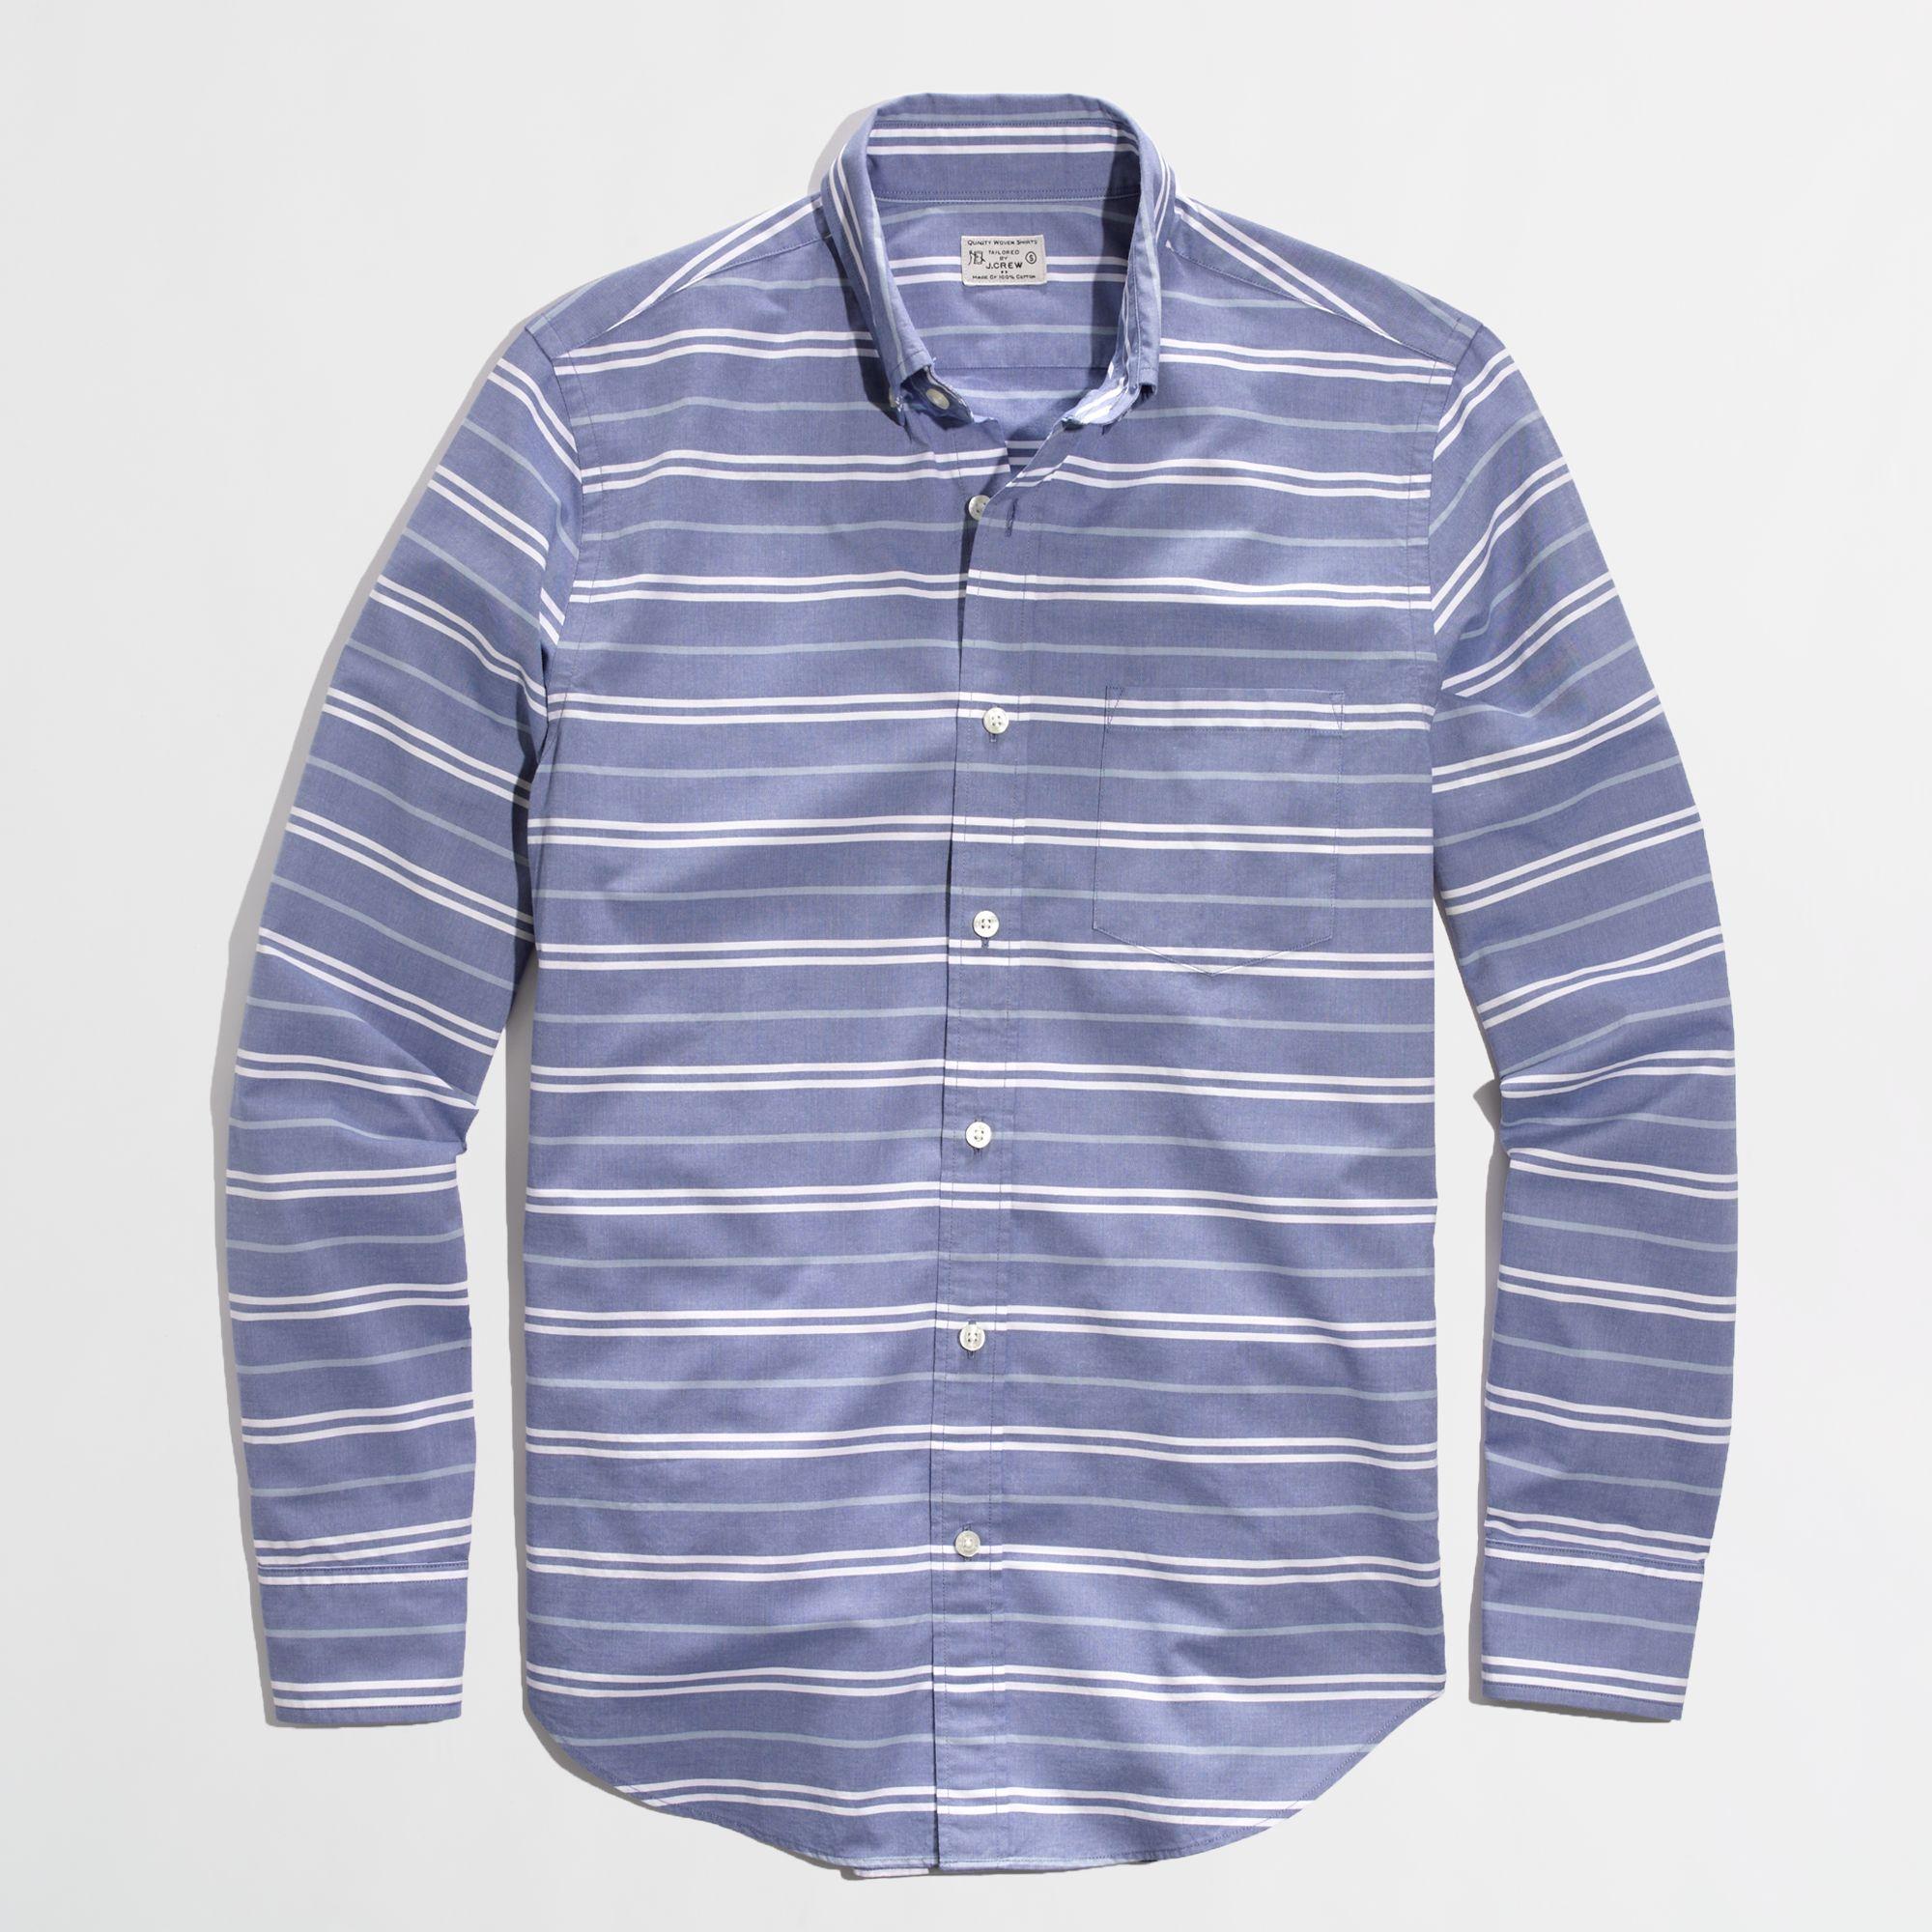 Factory slim washed shirt in horizontal stripe in for Horizontal striped dress shirts men